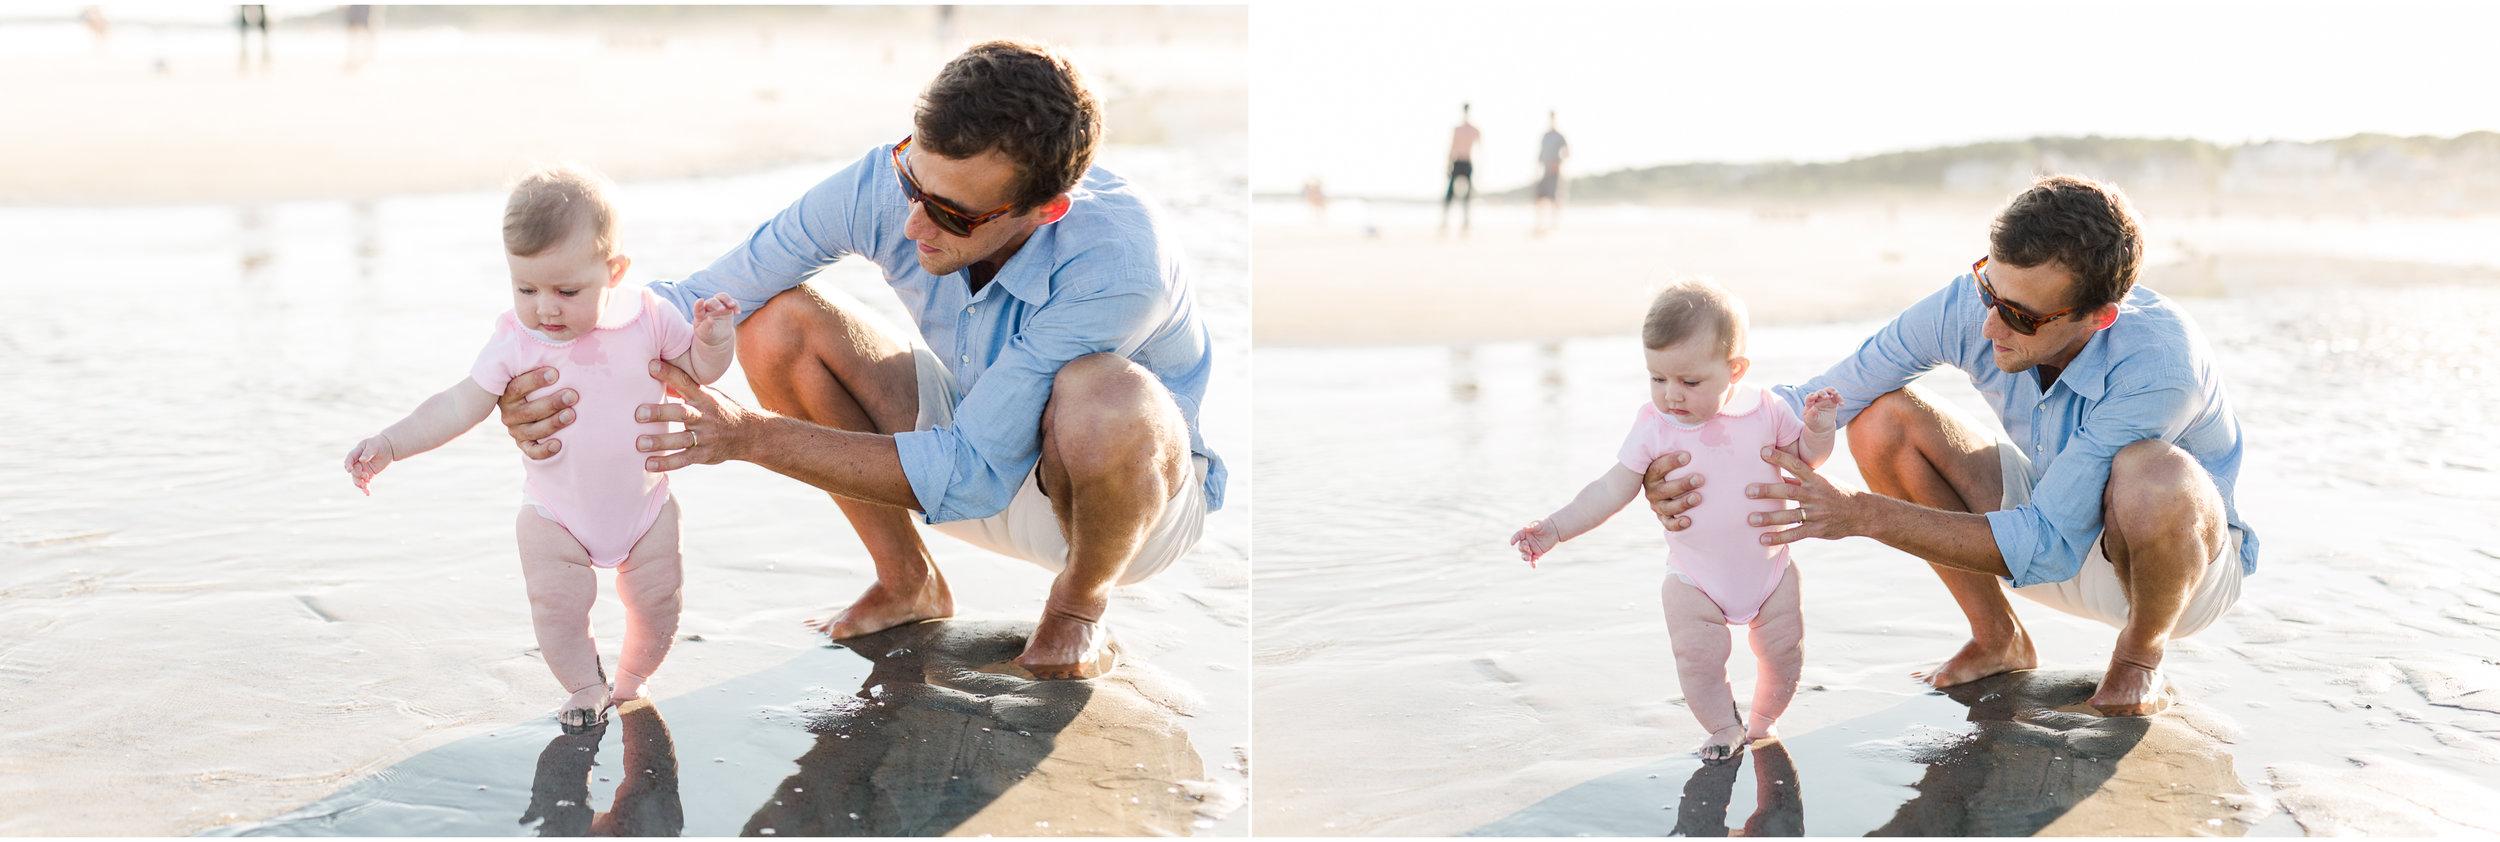 Higgins Beach Family Shoot 13 .jpg